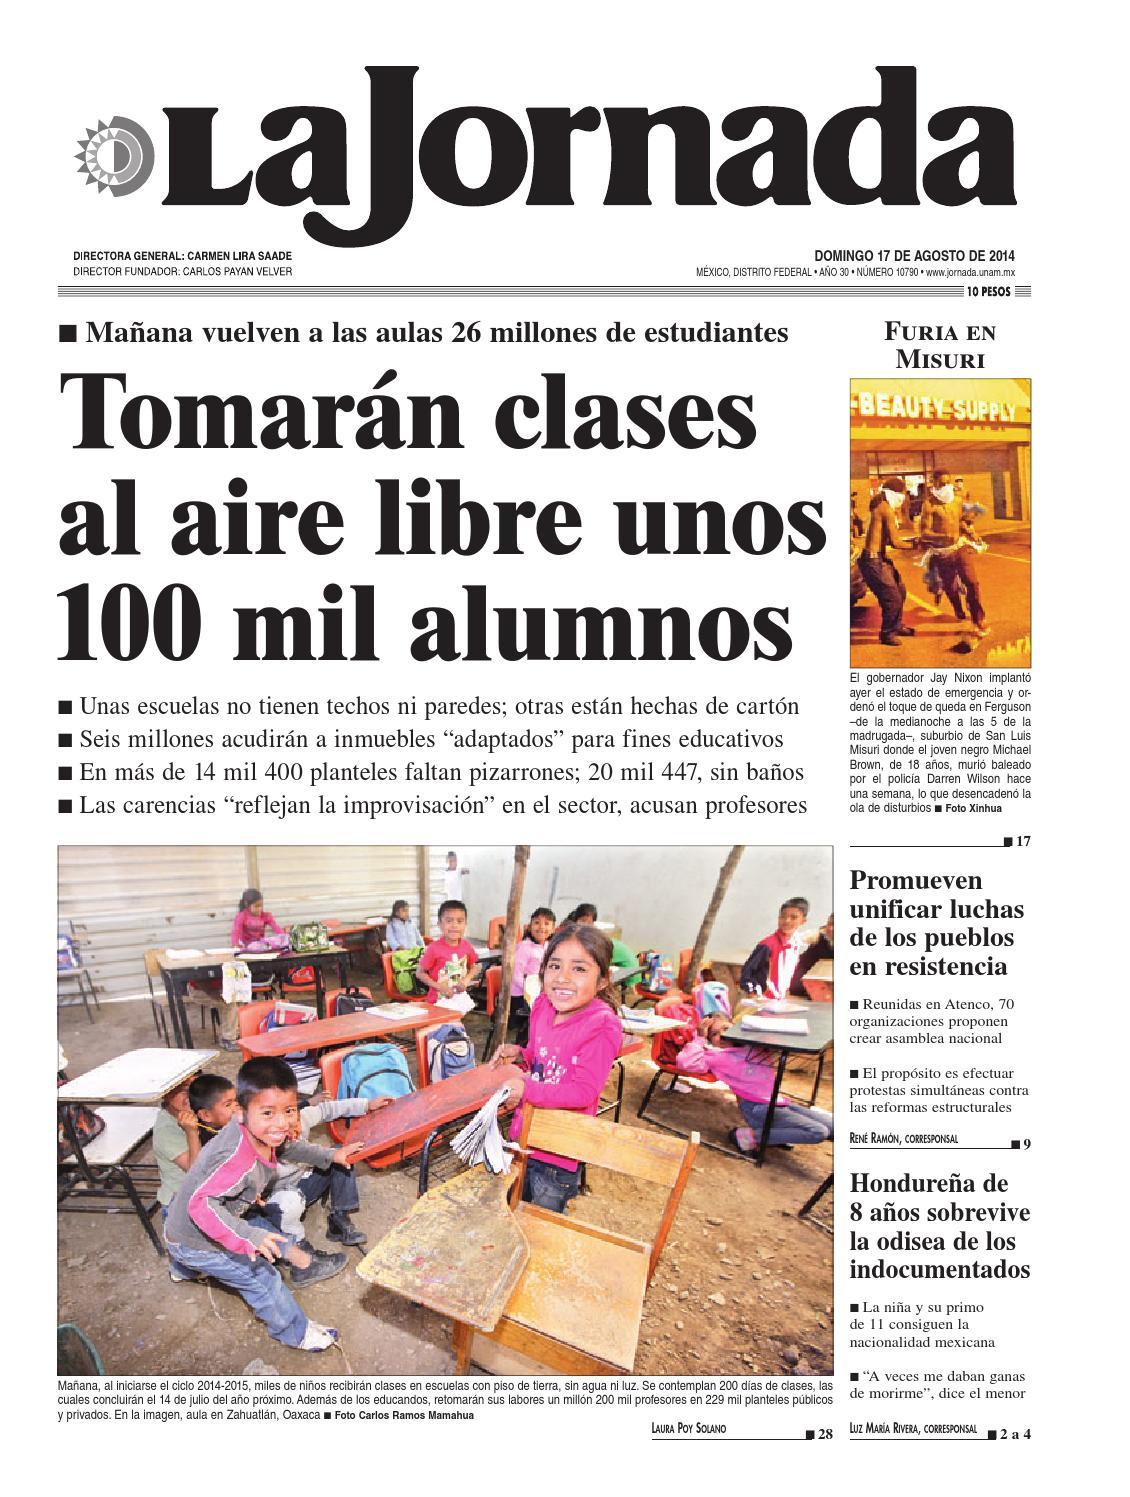 La Jornada db1387891972